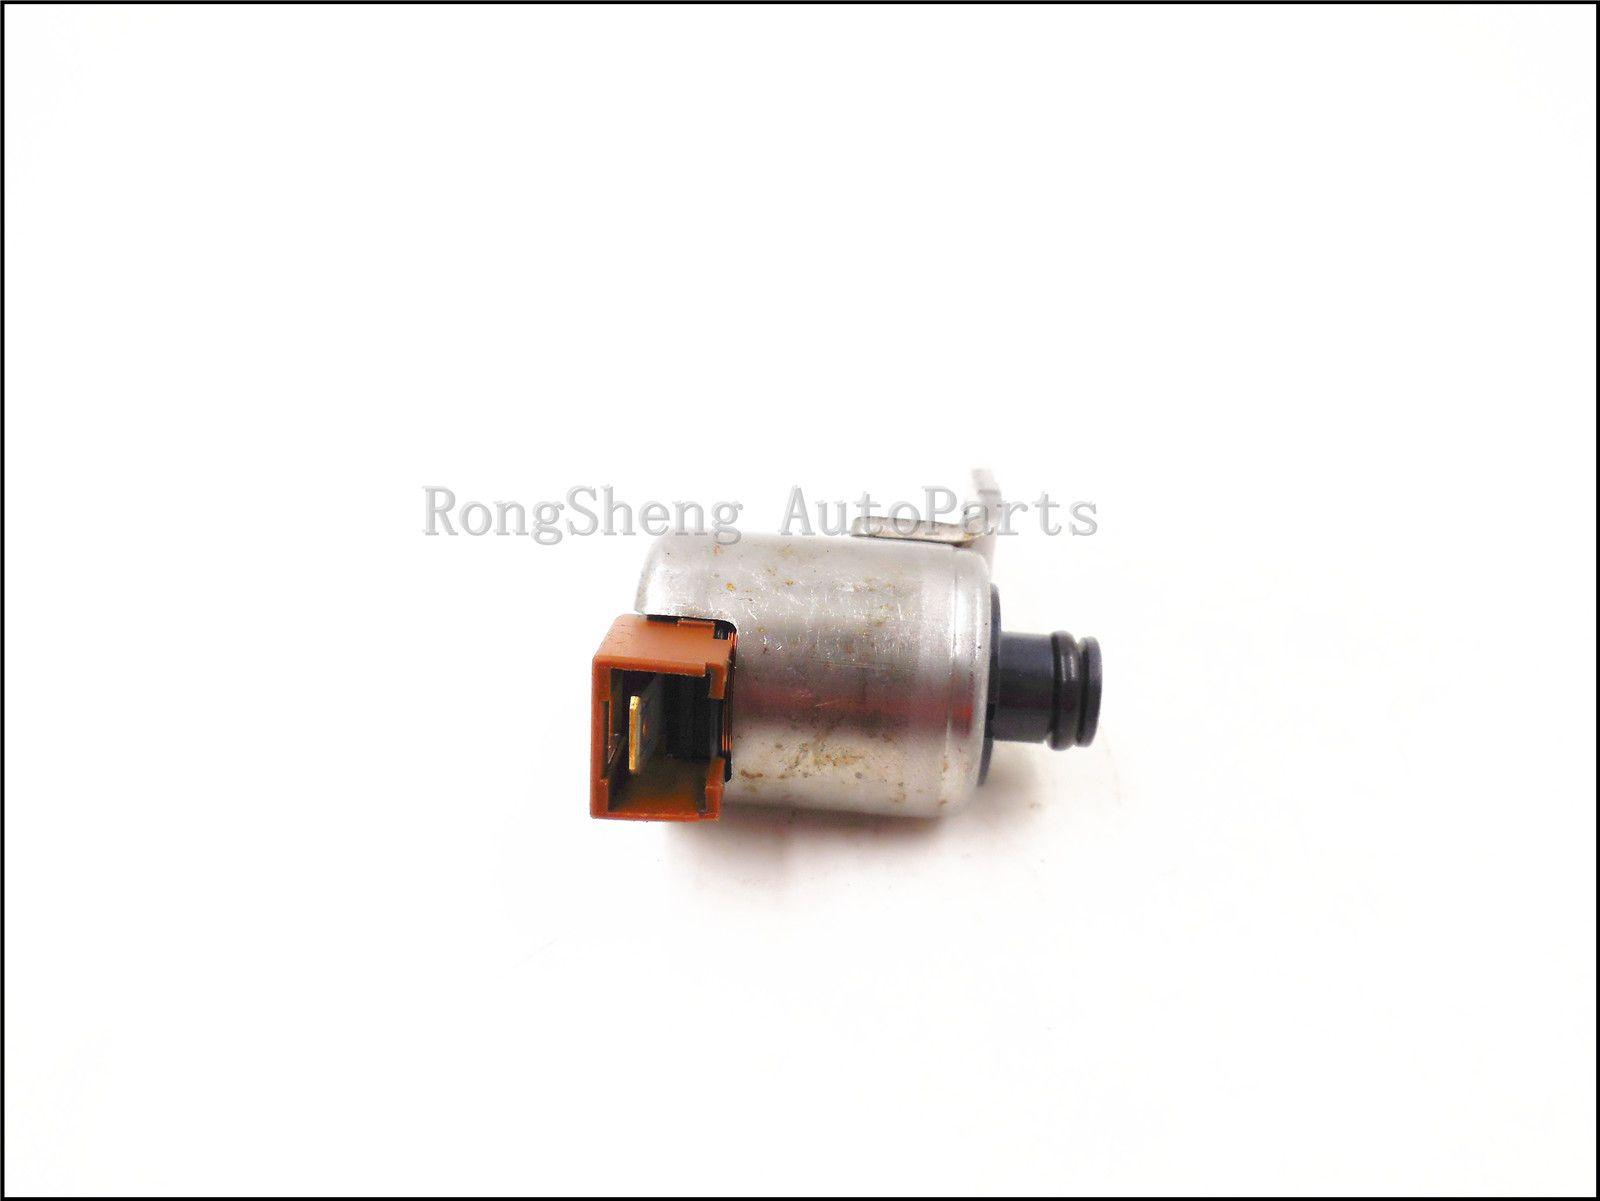 미츠비시 변속기 솔레노이드 밸브 G6T46273